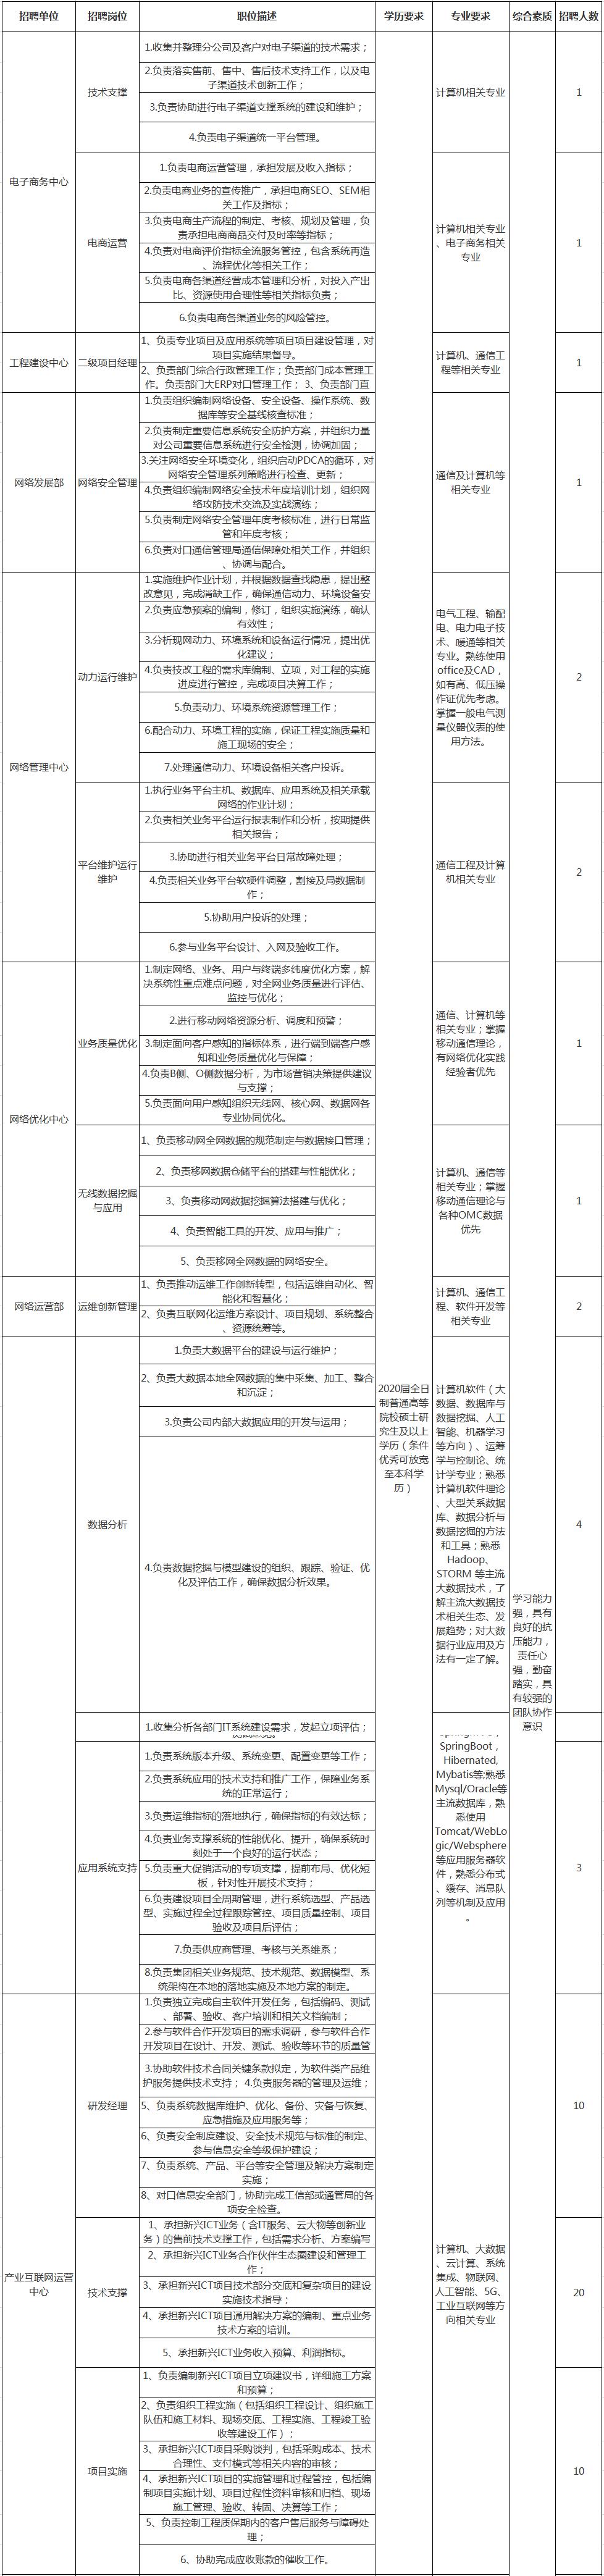 重庆国企招聘信息_2020中国联通重庆分公司总部招聘62人-重庆联通招聘-金标尺教育